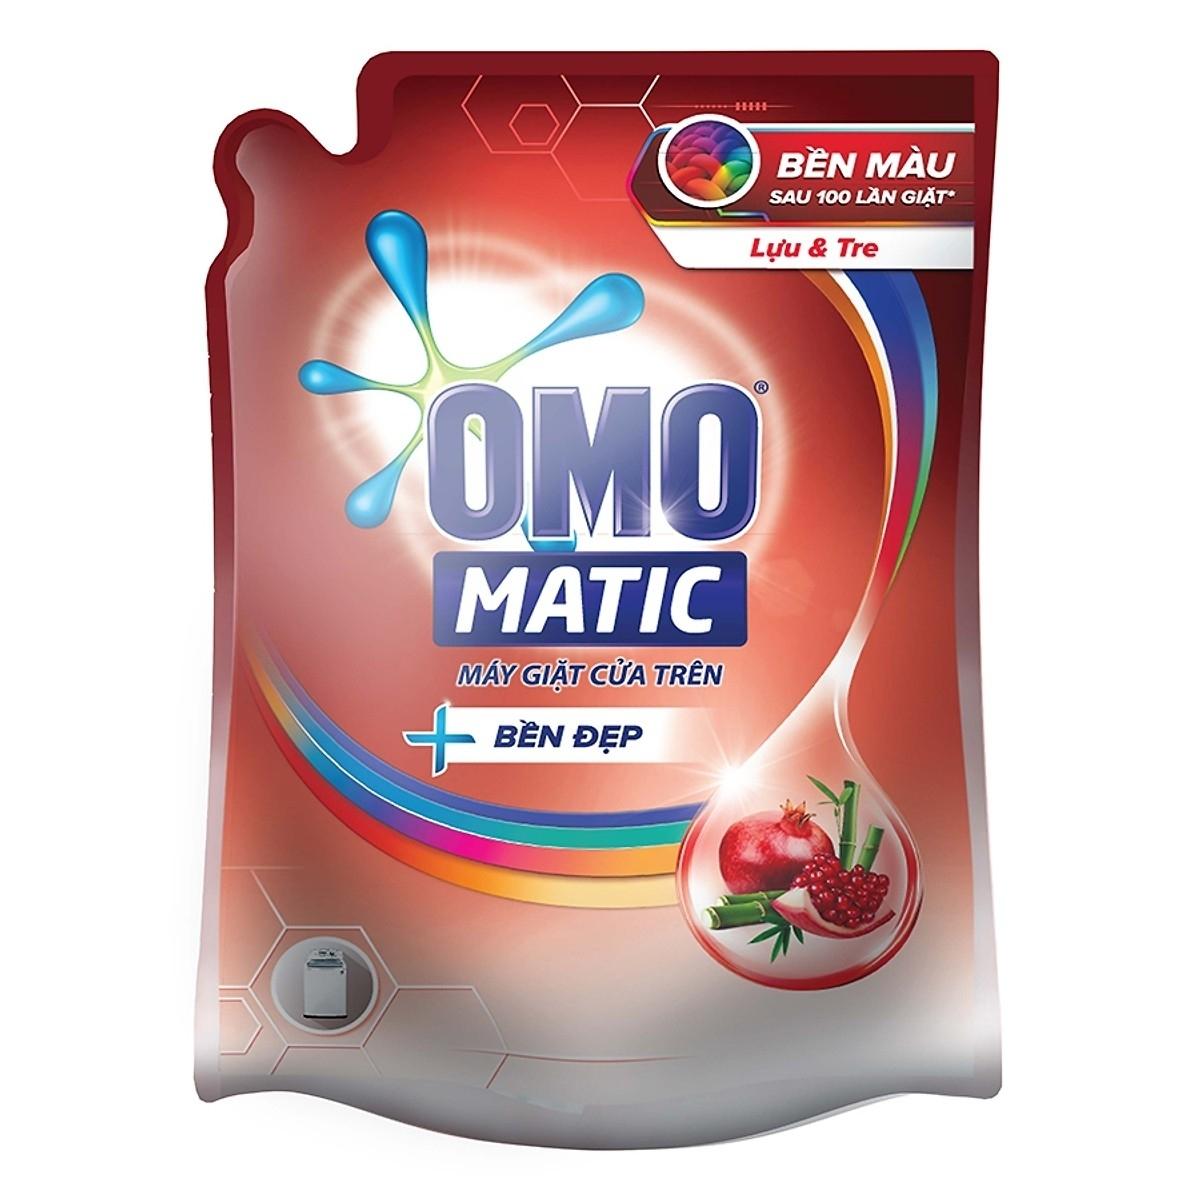 Nước giặt OMO matic bền đẹp của trên túi 2.3 kg